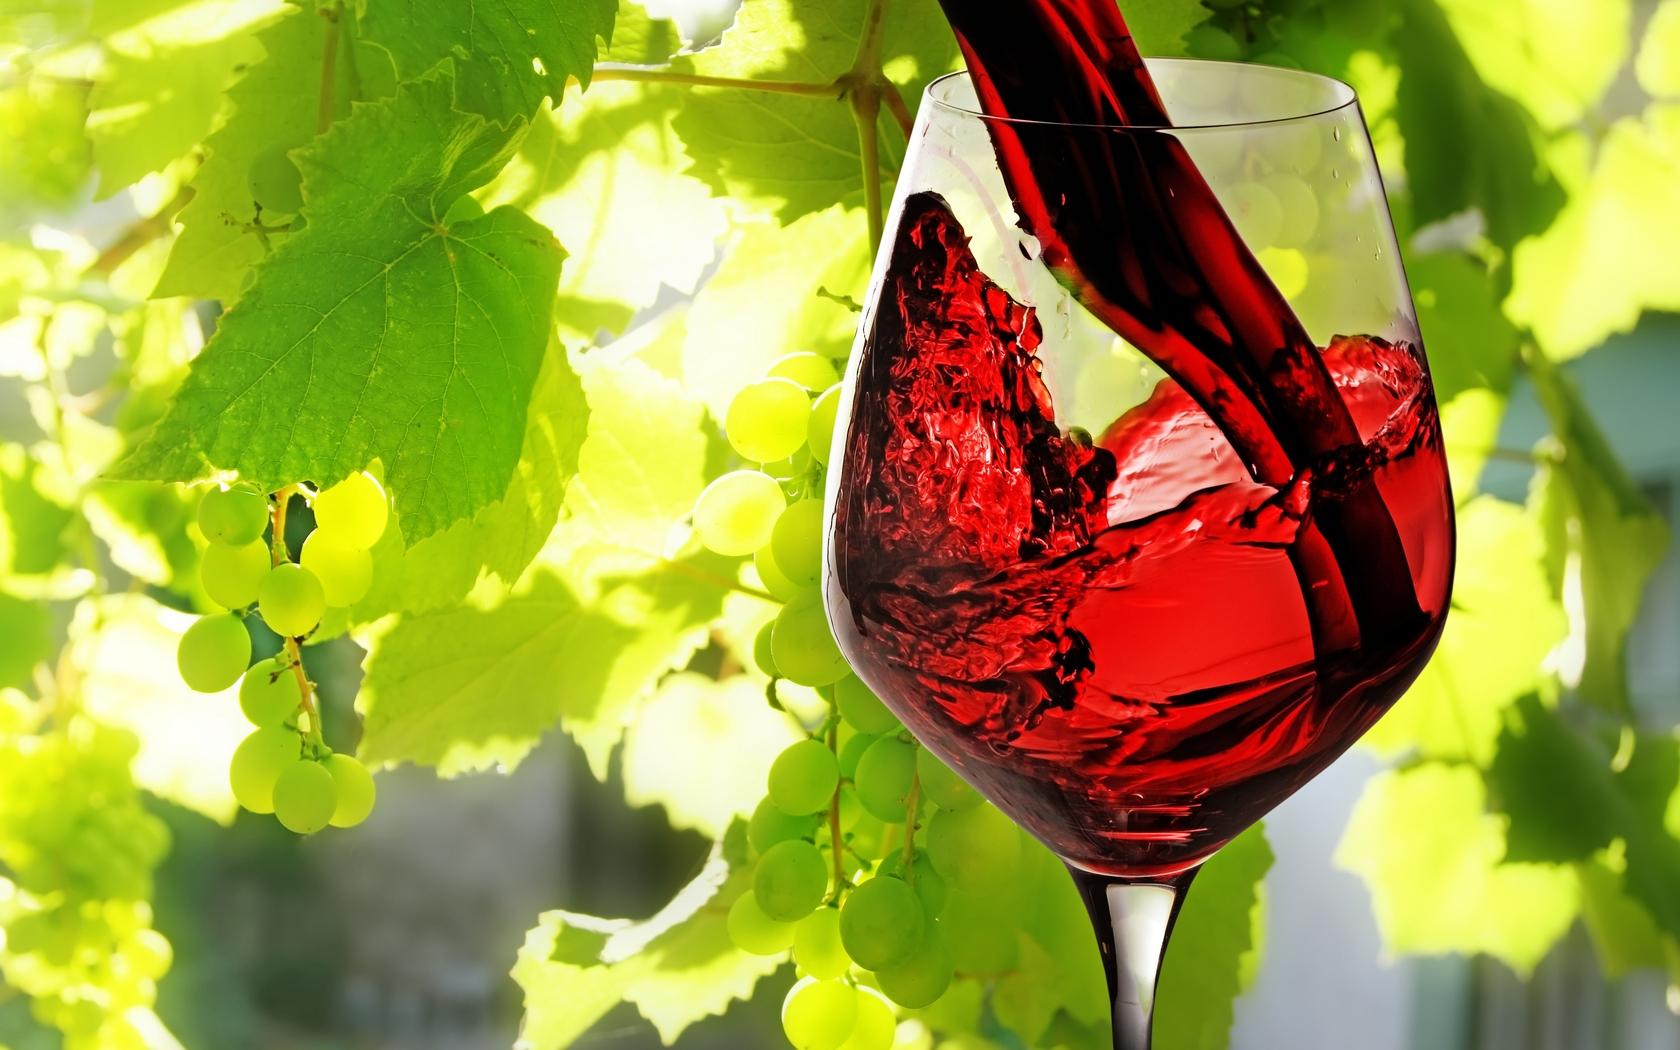 Un Bicchiere Di Vino Al Giorno Allunga La Vita Ohbluraski